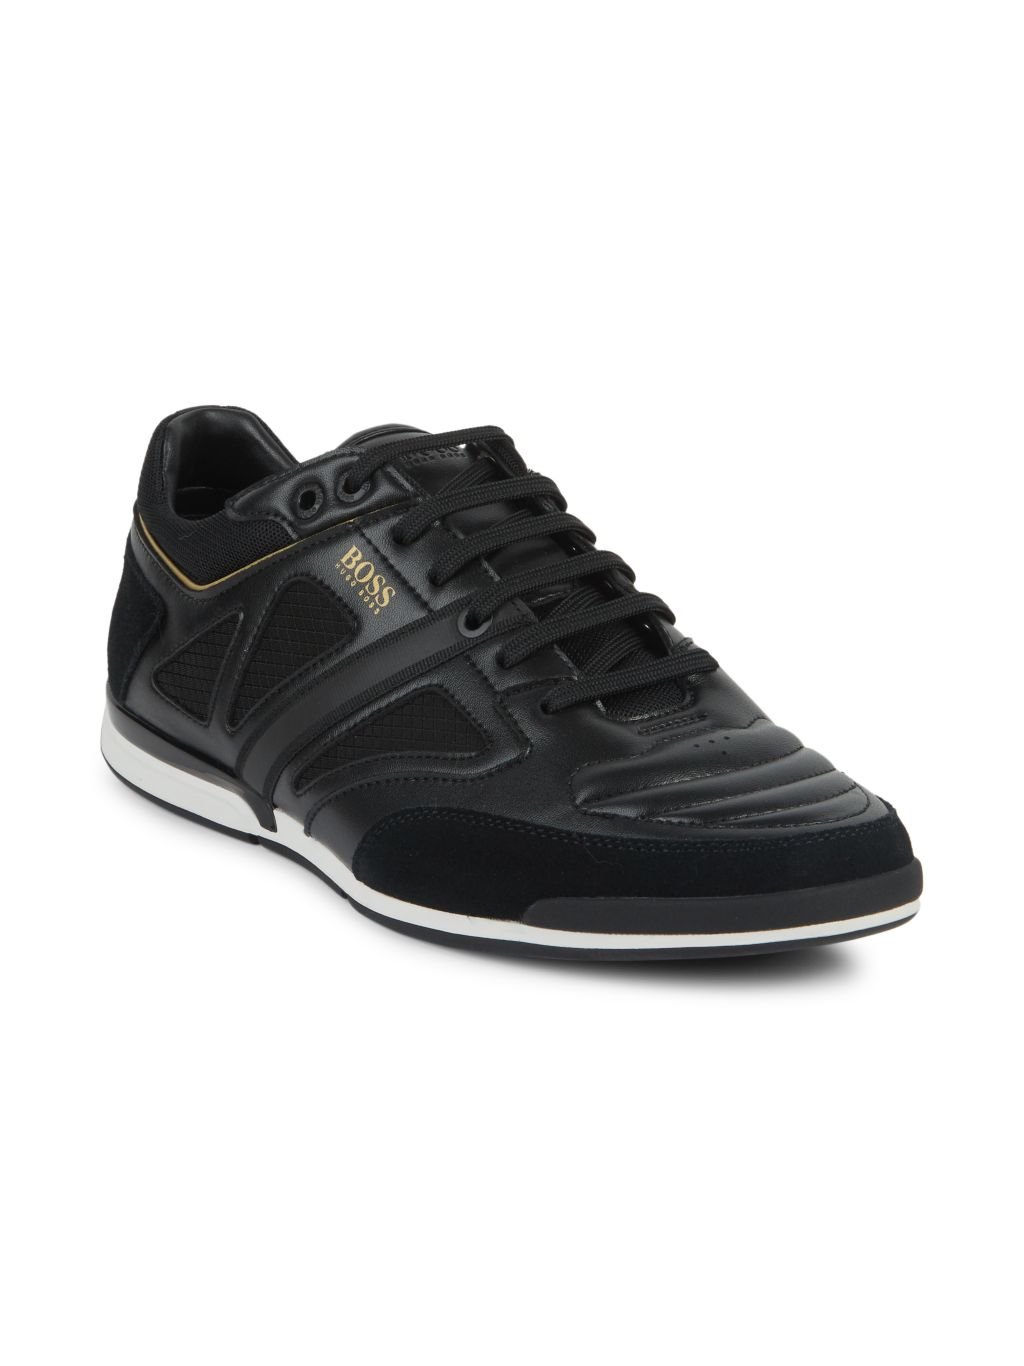 Boss Hugo Boss Saturn Mixed-Media Sneakers